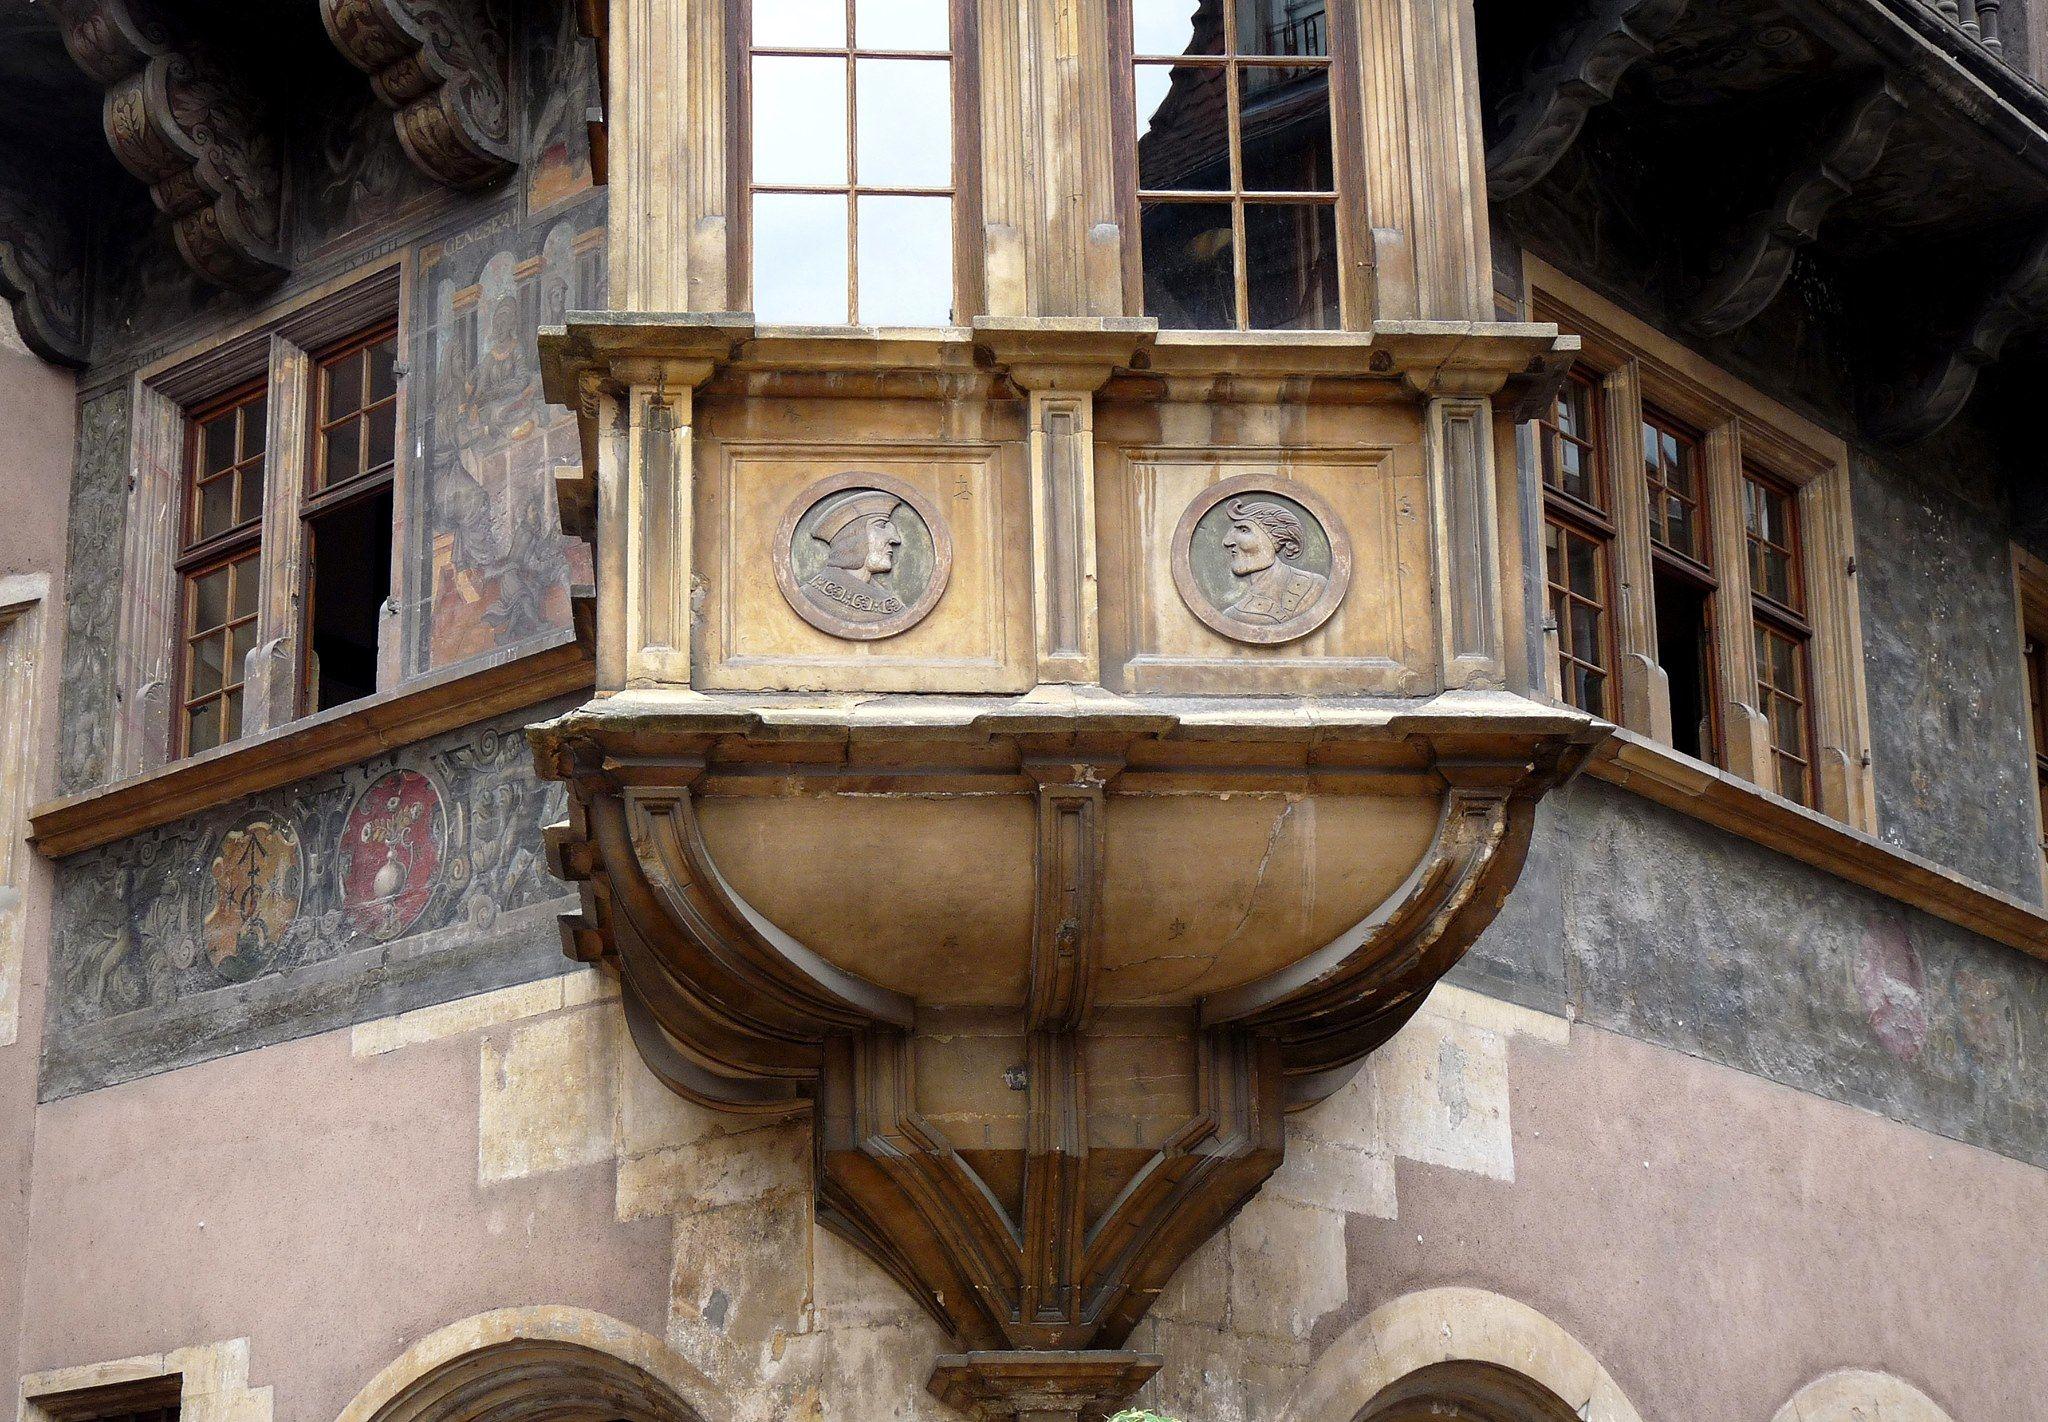 Maison Pfister, Colmar, Alsace, France.